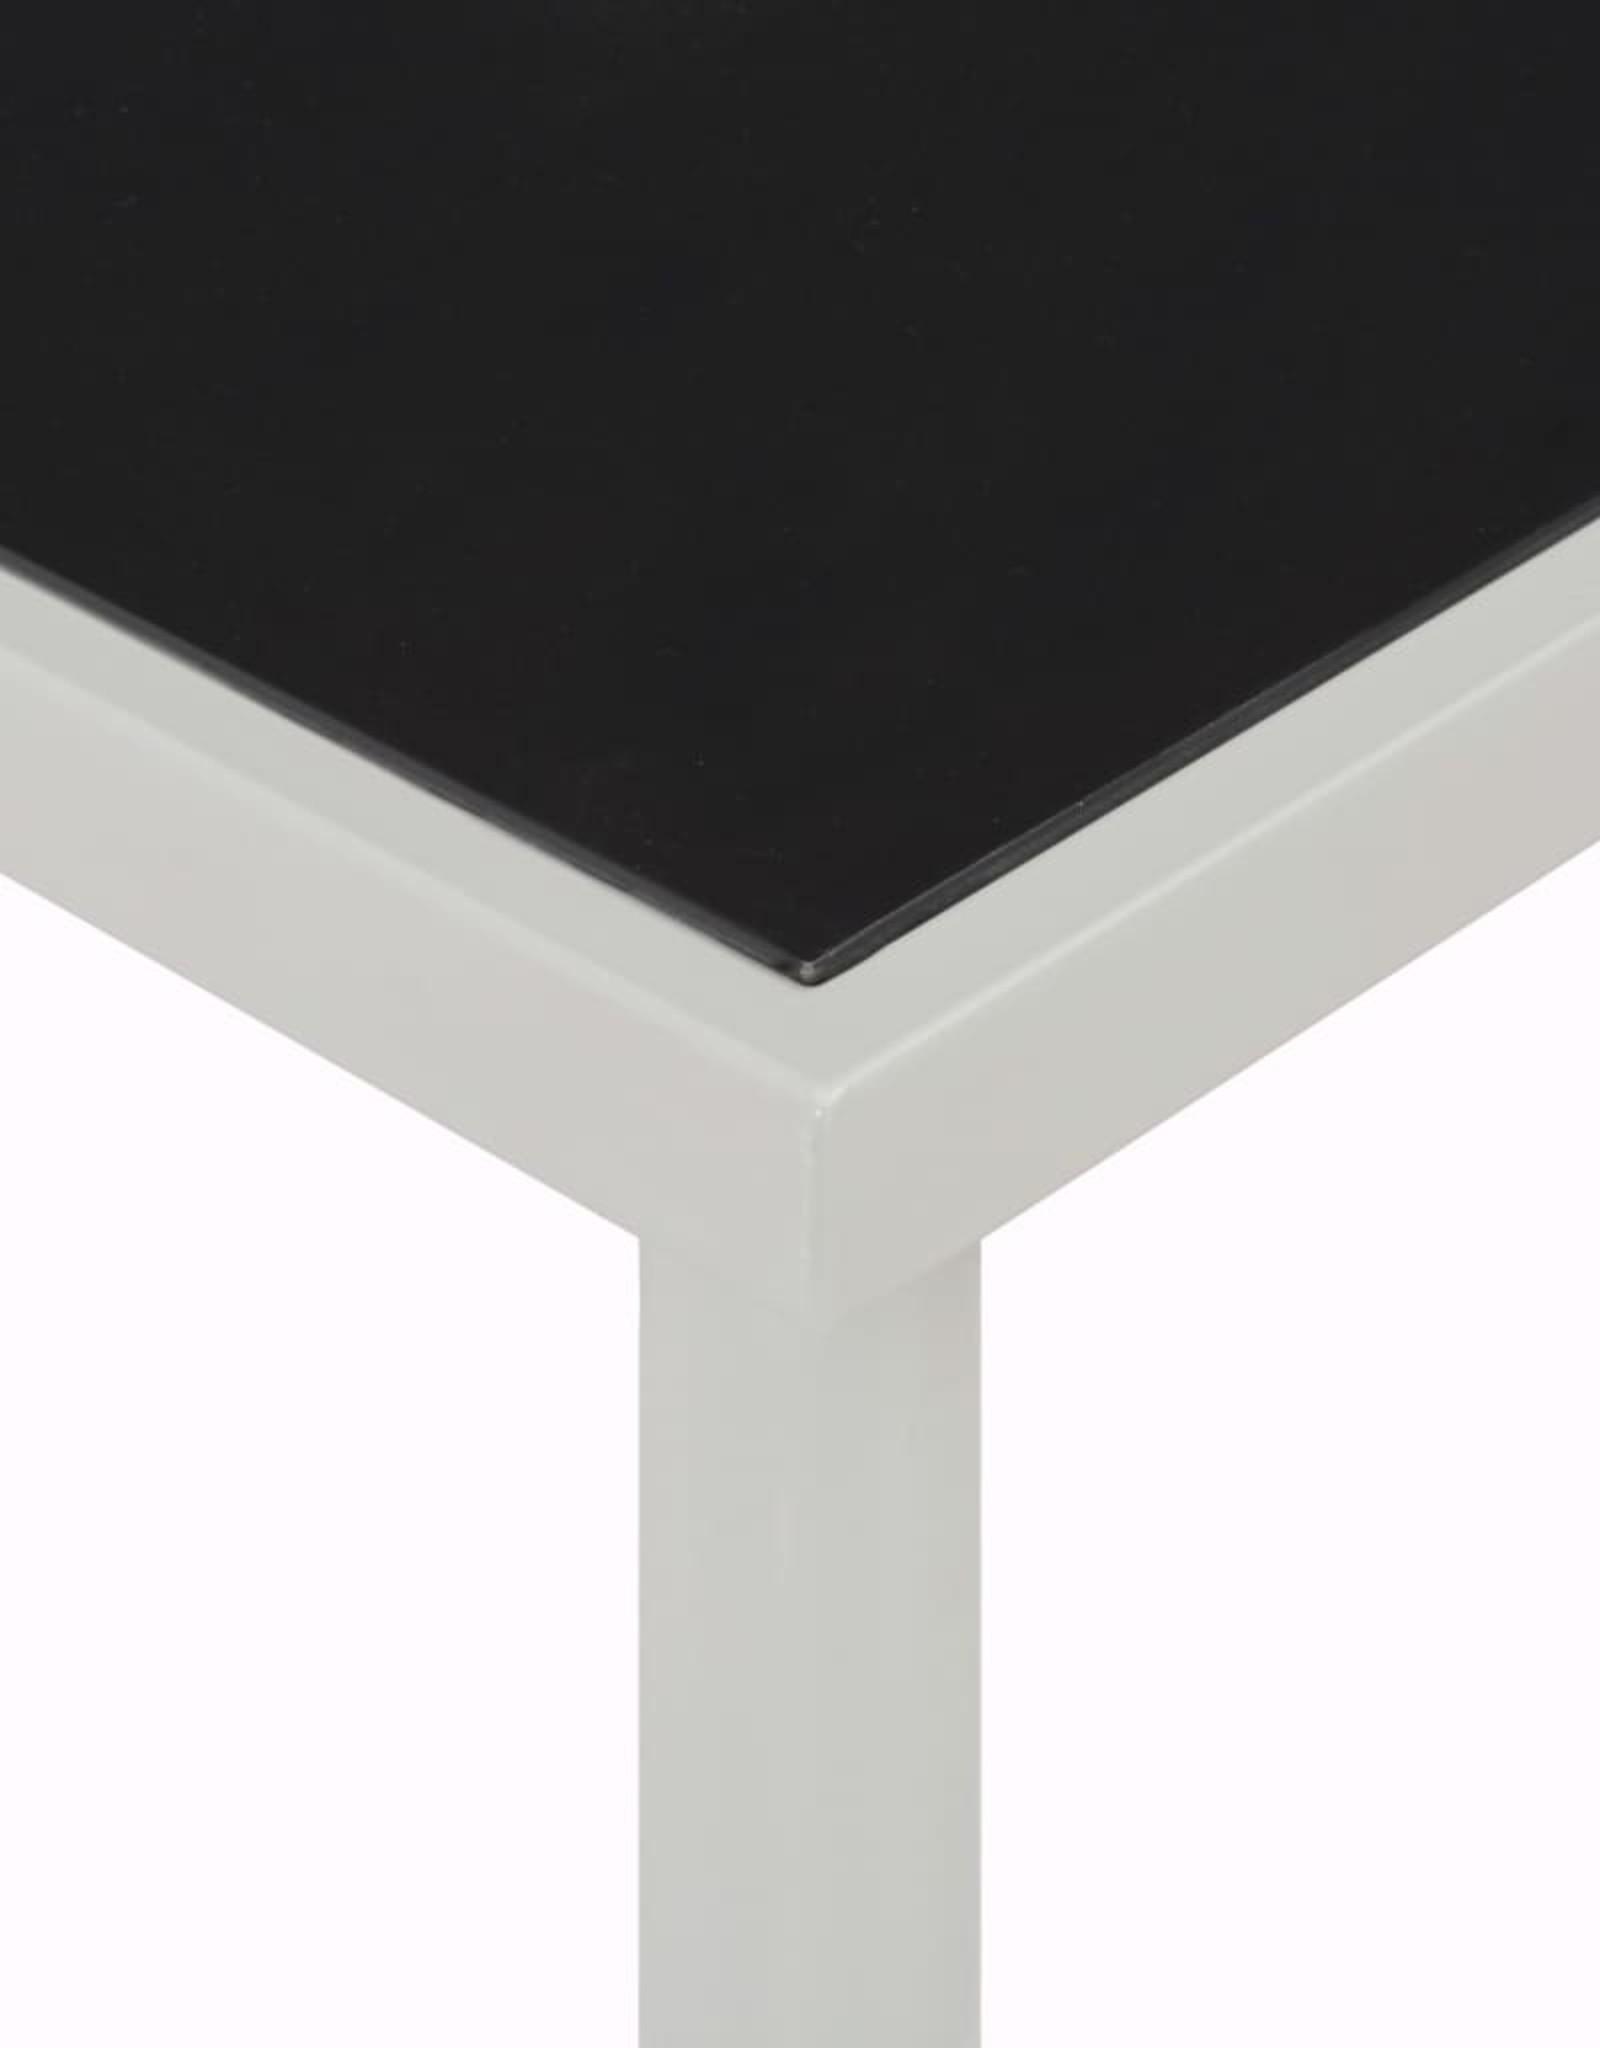 vidaXL 11-delige Tuinset staal en textileen zwart